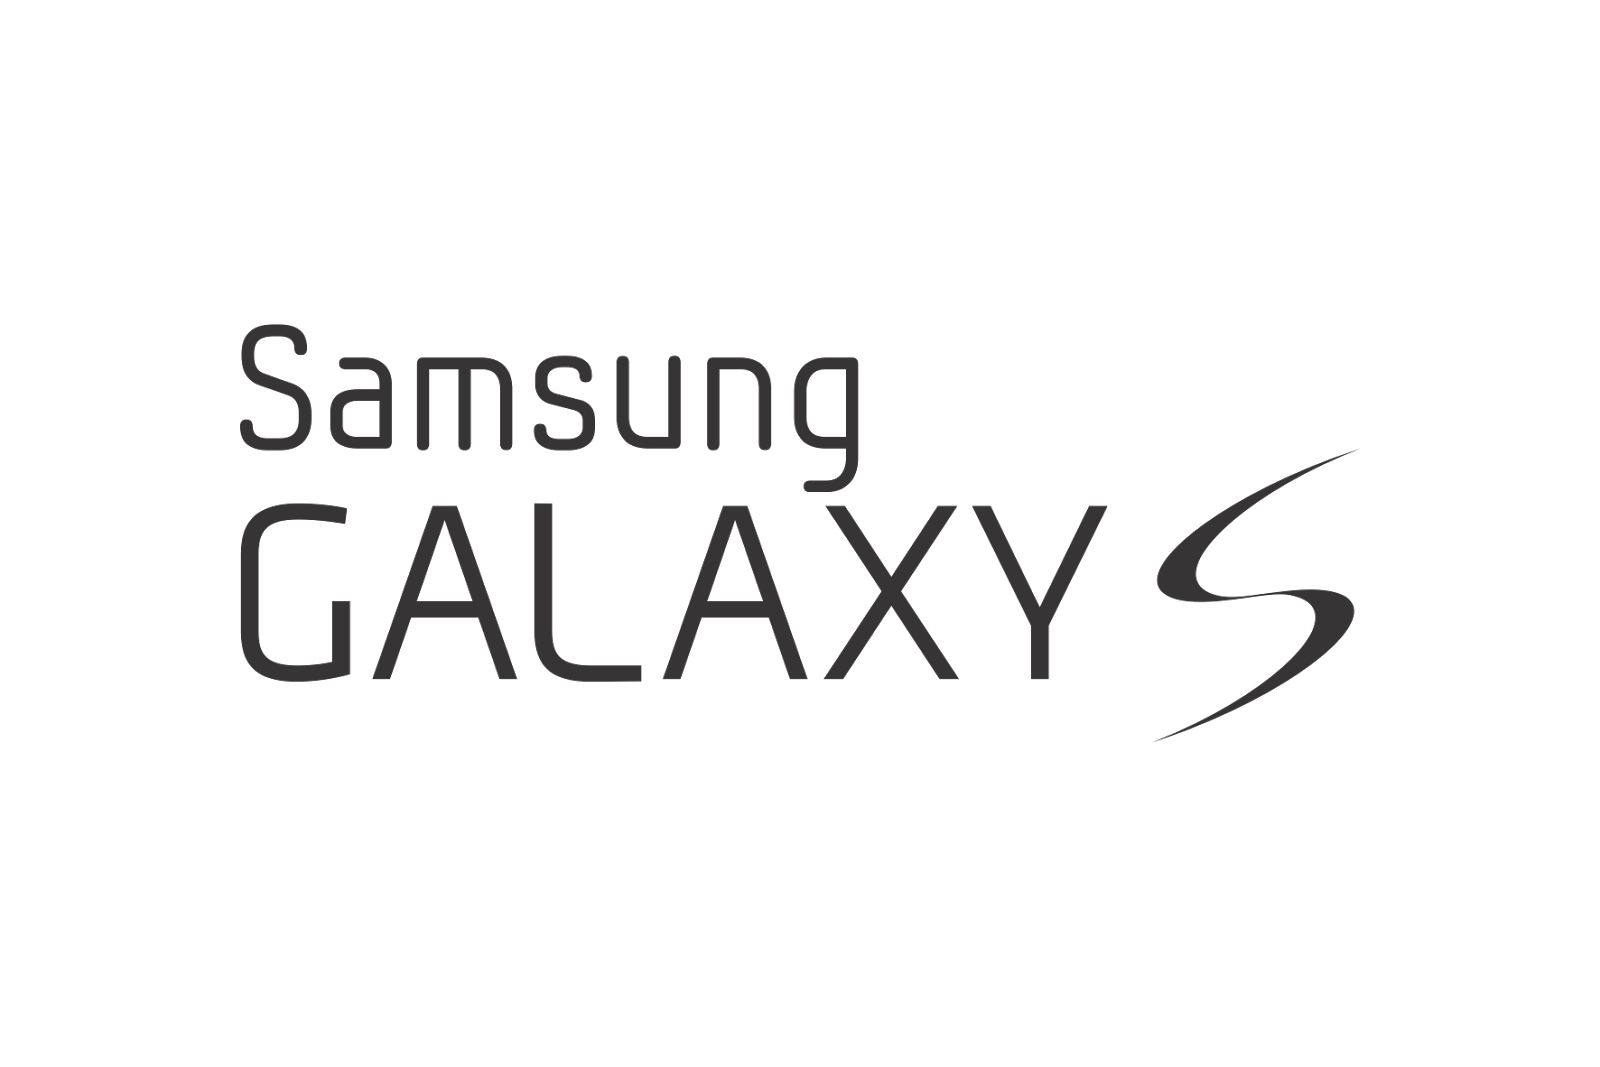 Samsung Galaxy Logos